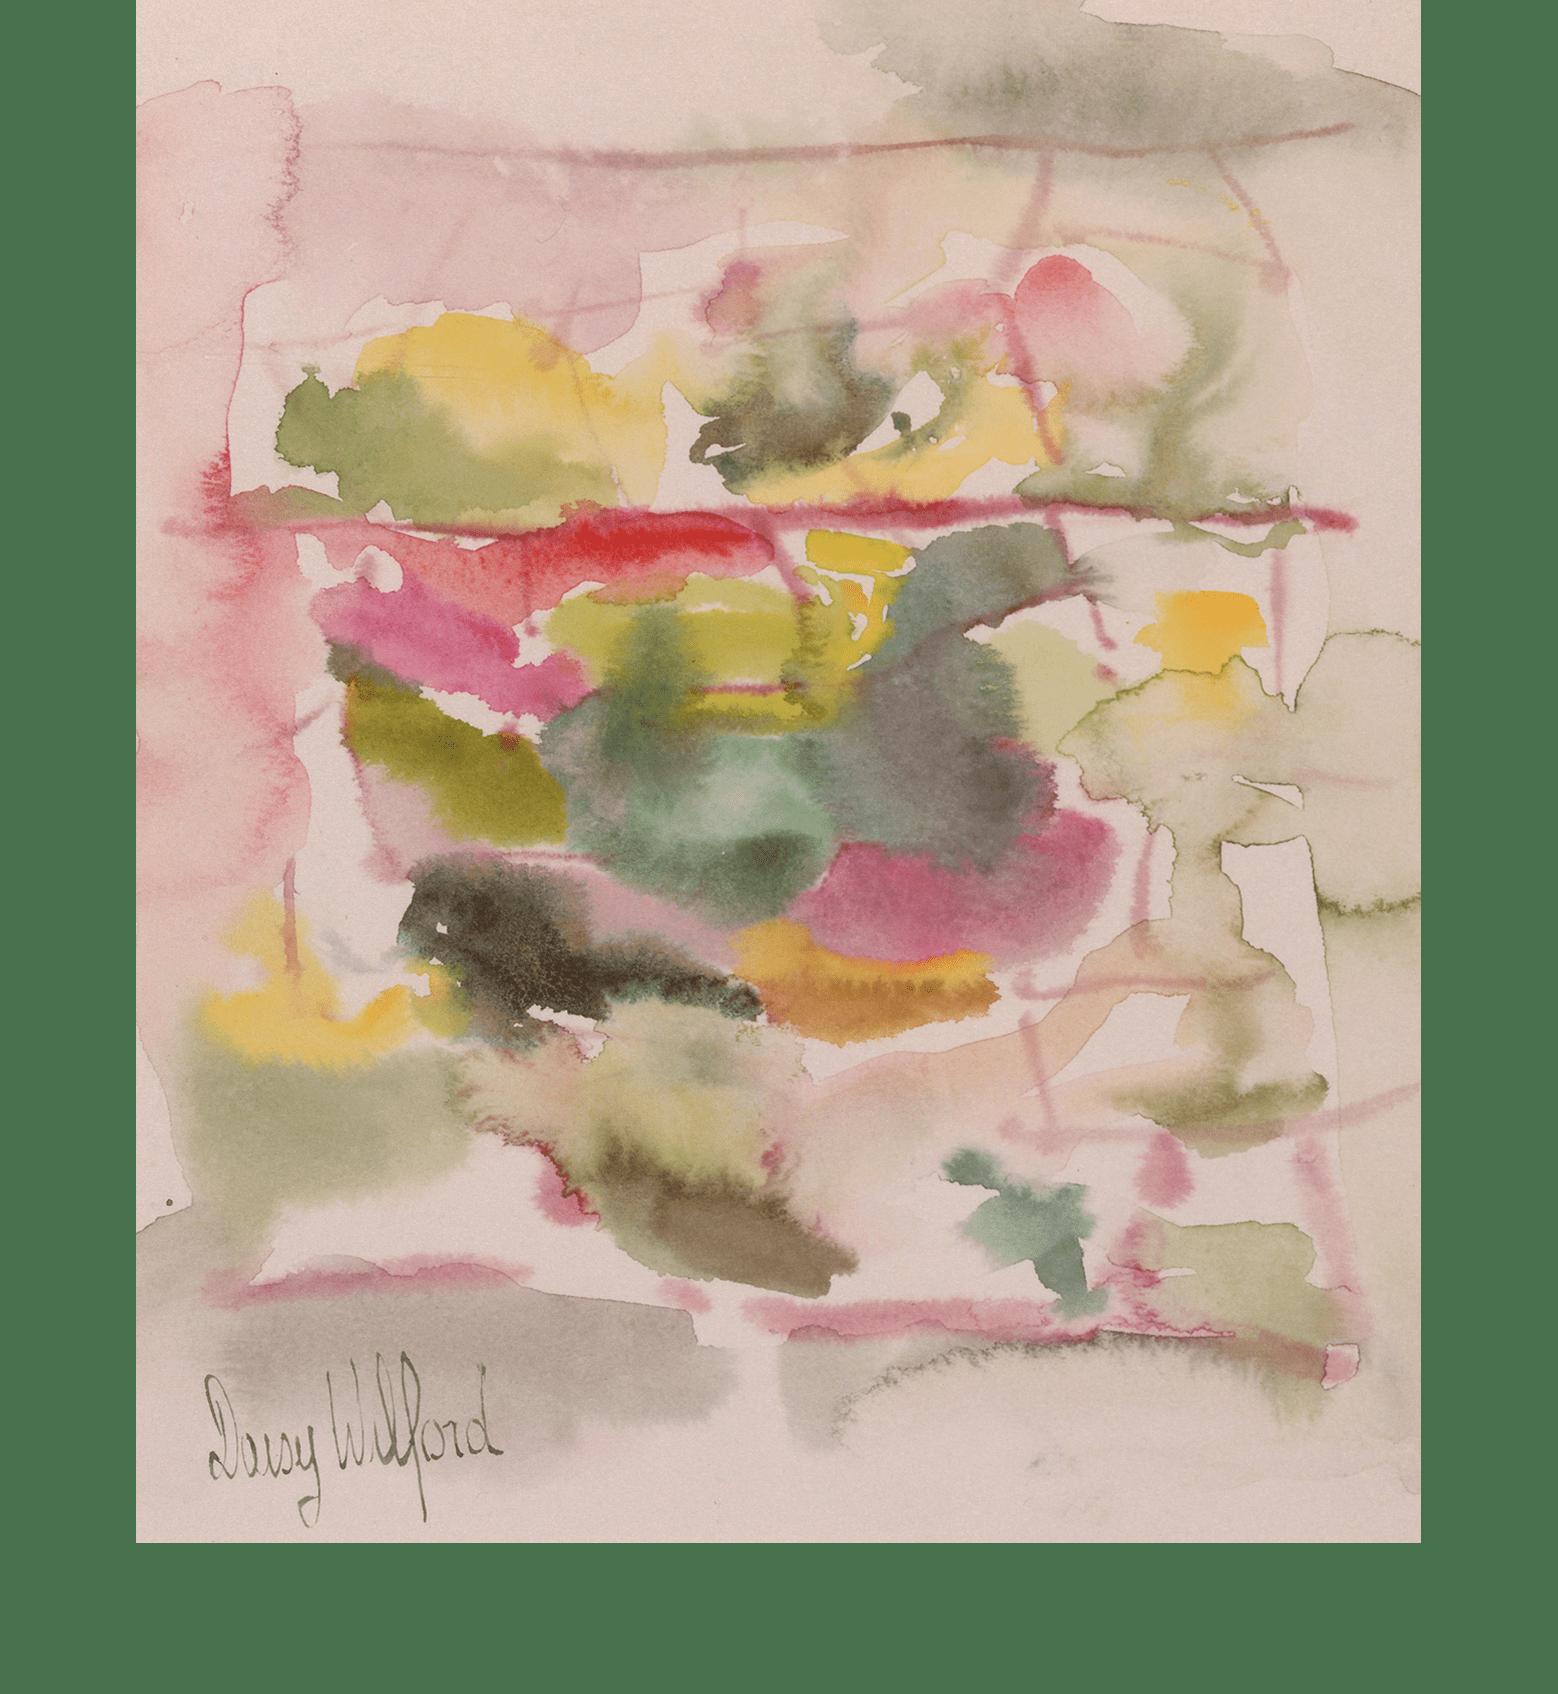 Composition sans titre (1986)